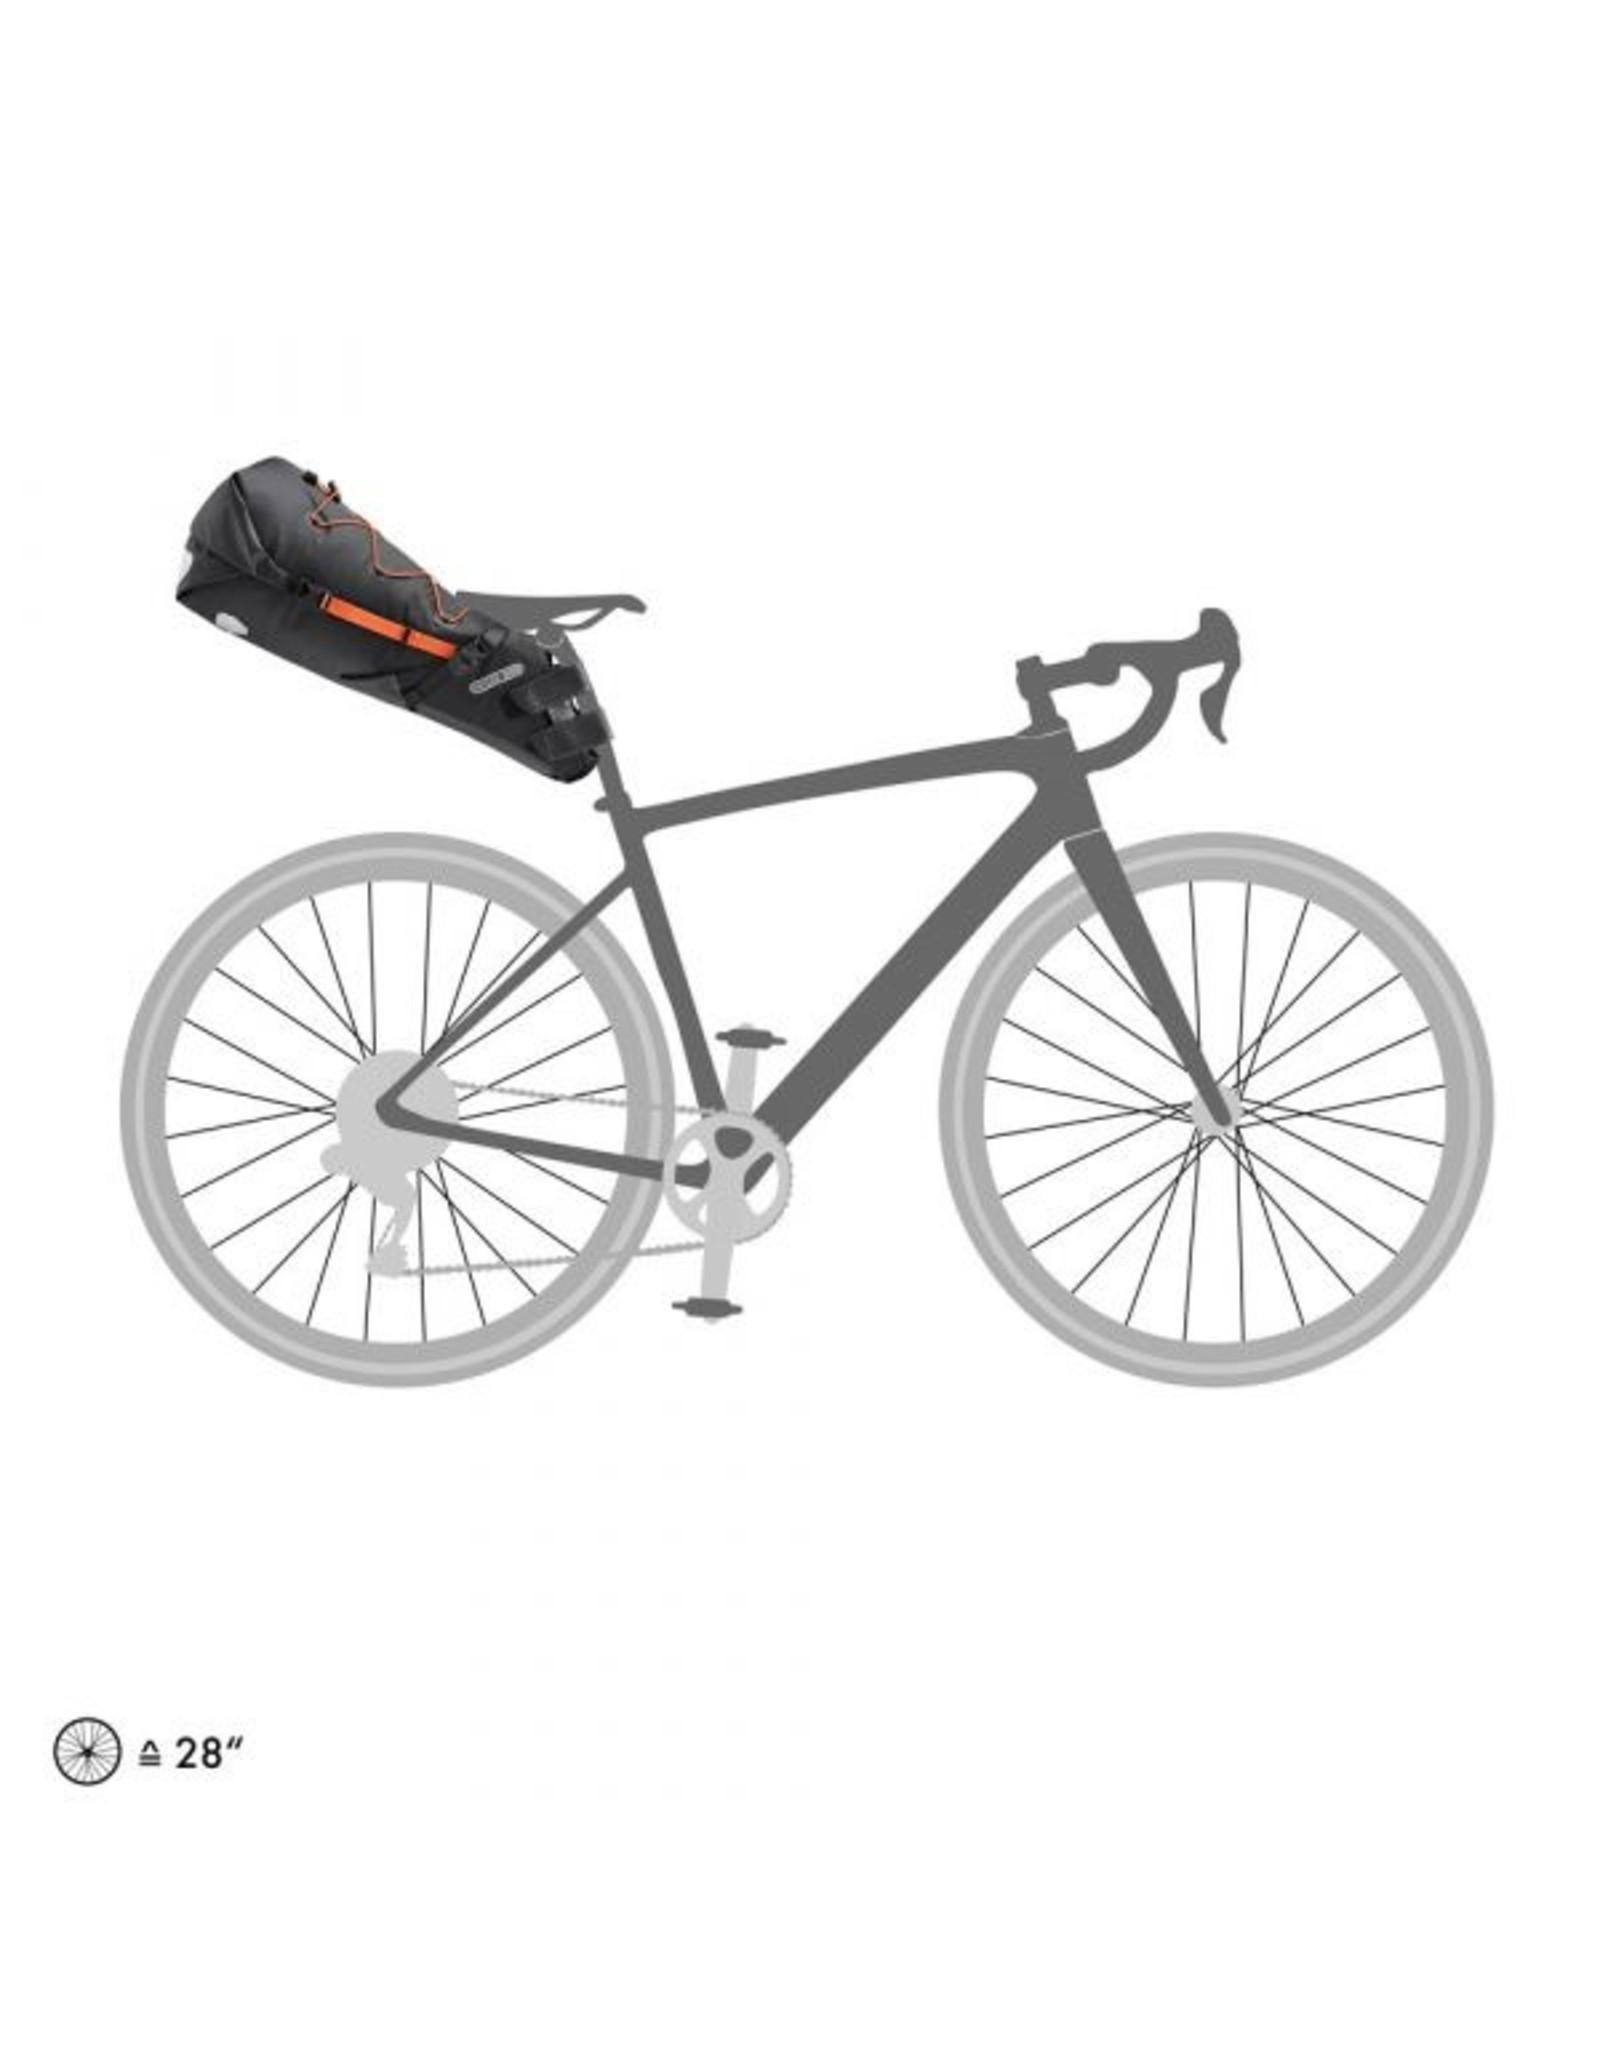 Ortlieb Ortlieb Bike Packing Seat Pack 16.5L